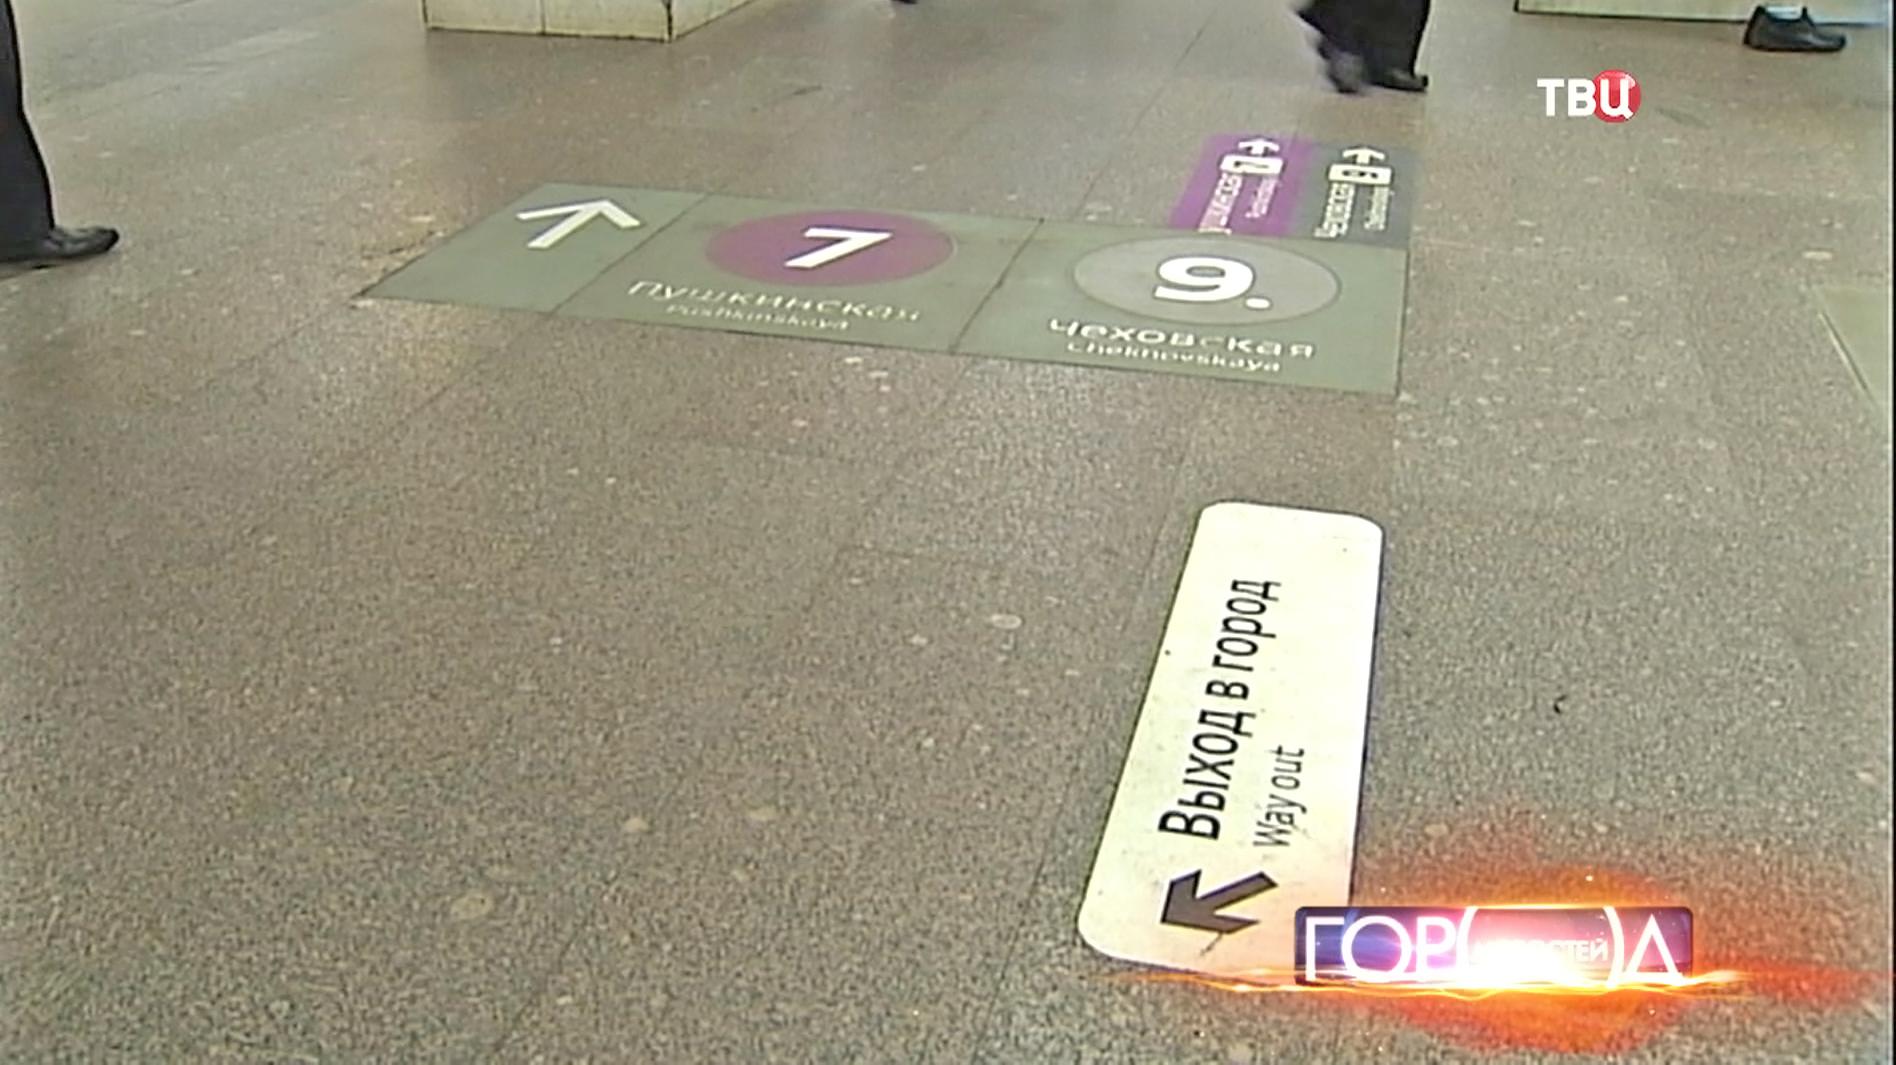 Напольная навигация в метро